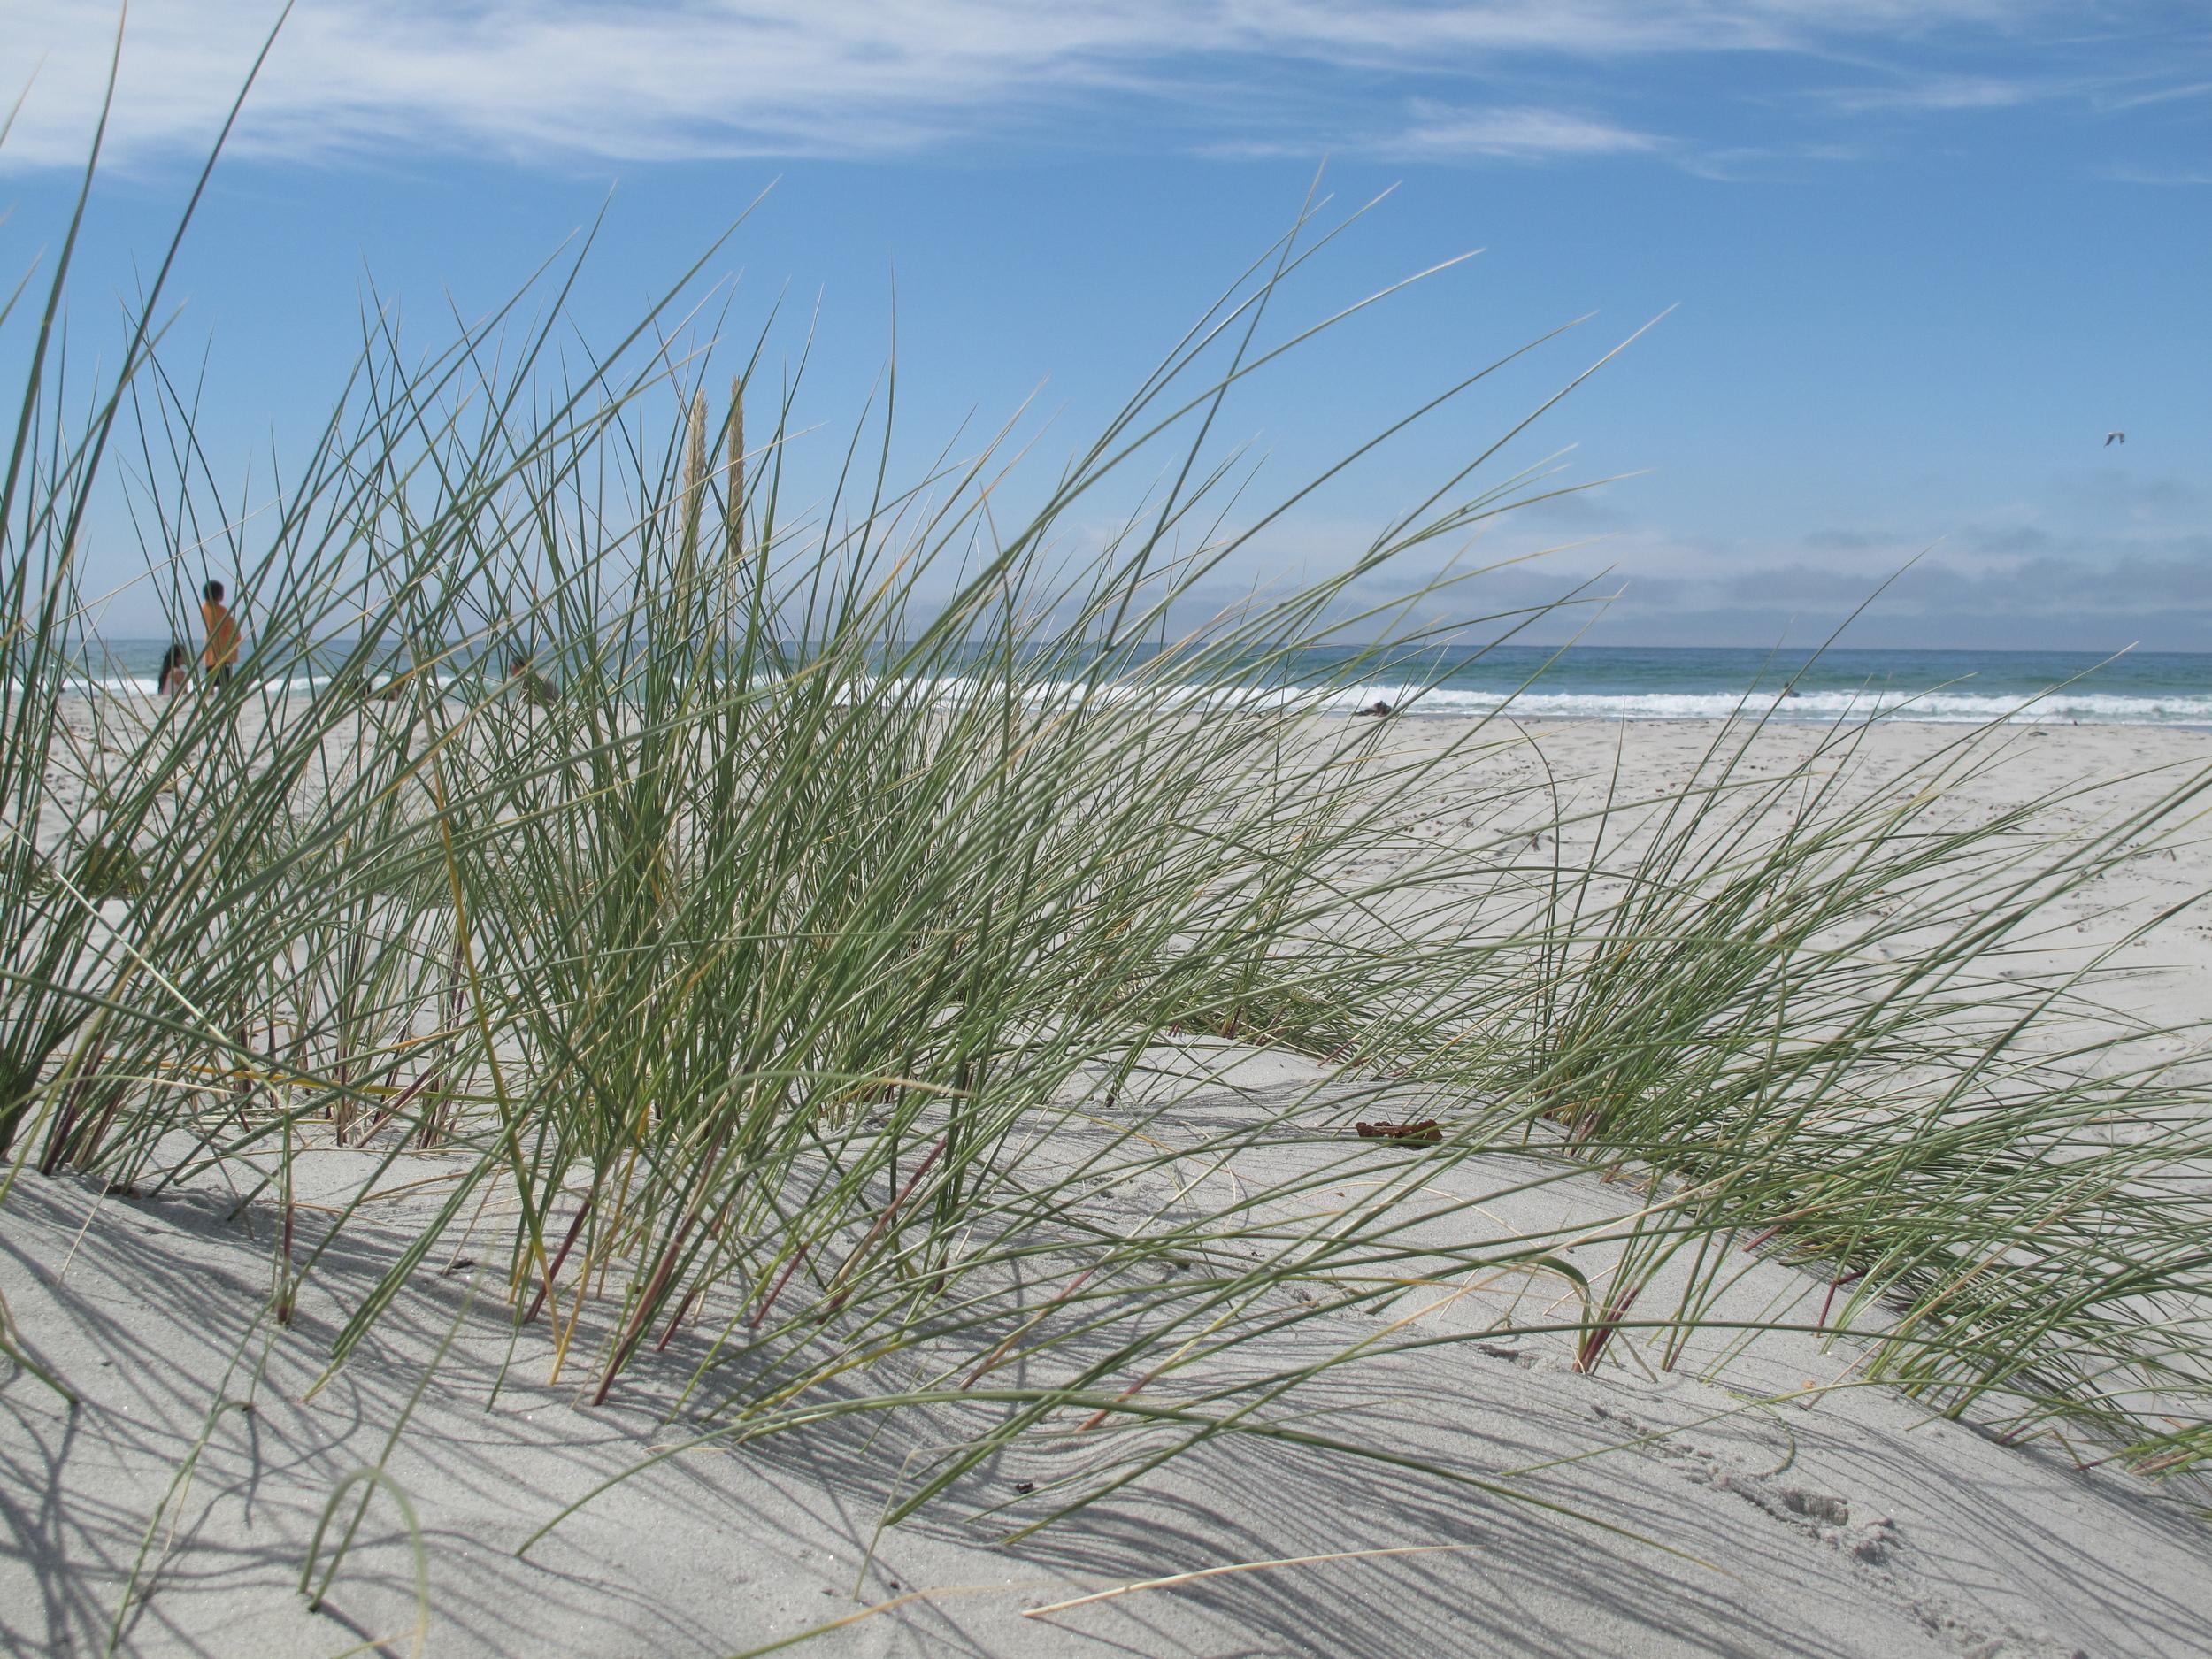 Sand dunes at a Dunedin beach